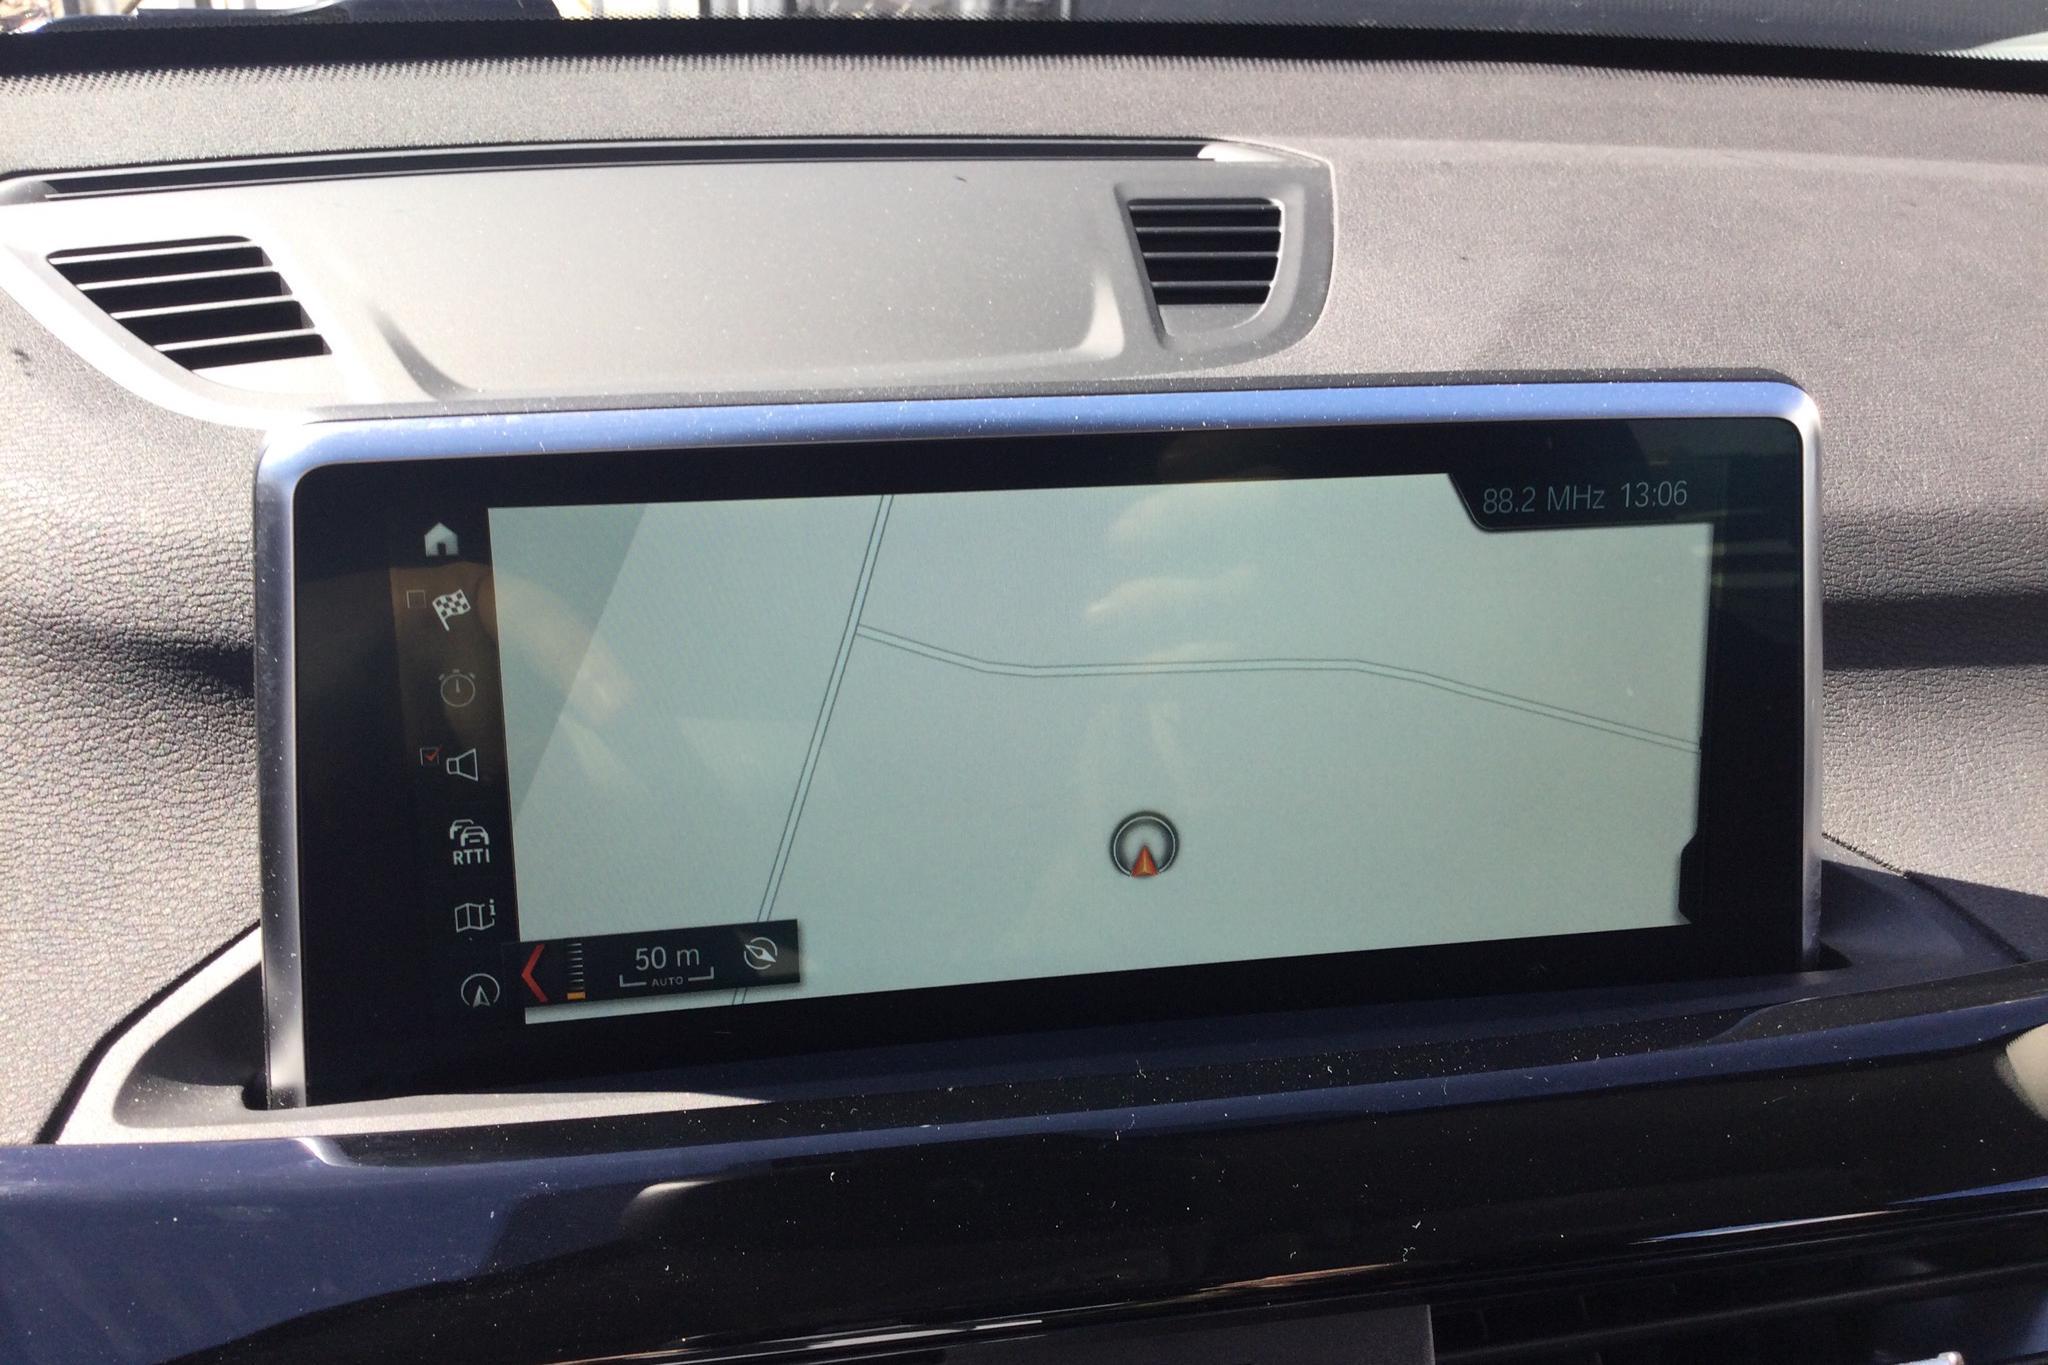 BMW X1 xDrive20d, F48 (190hk) - 19 390 km - Automatic - white - 2018